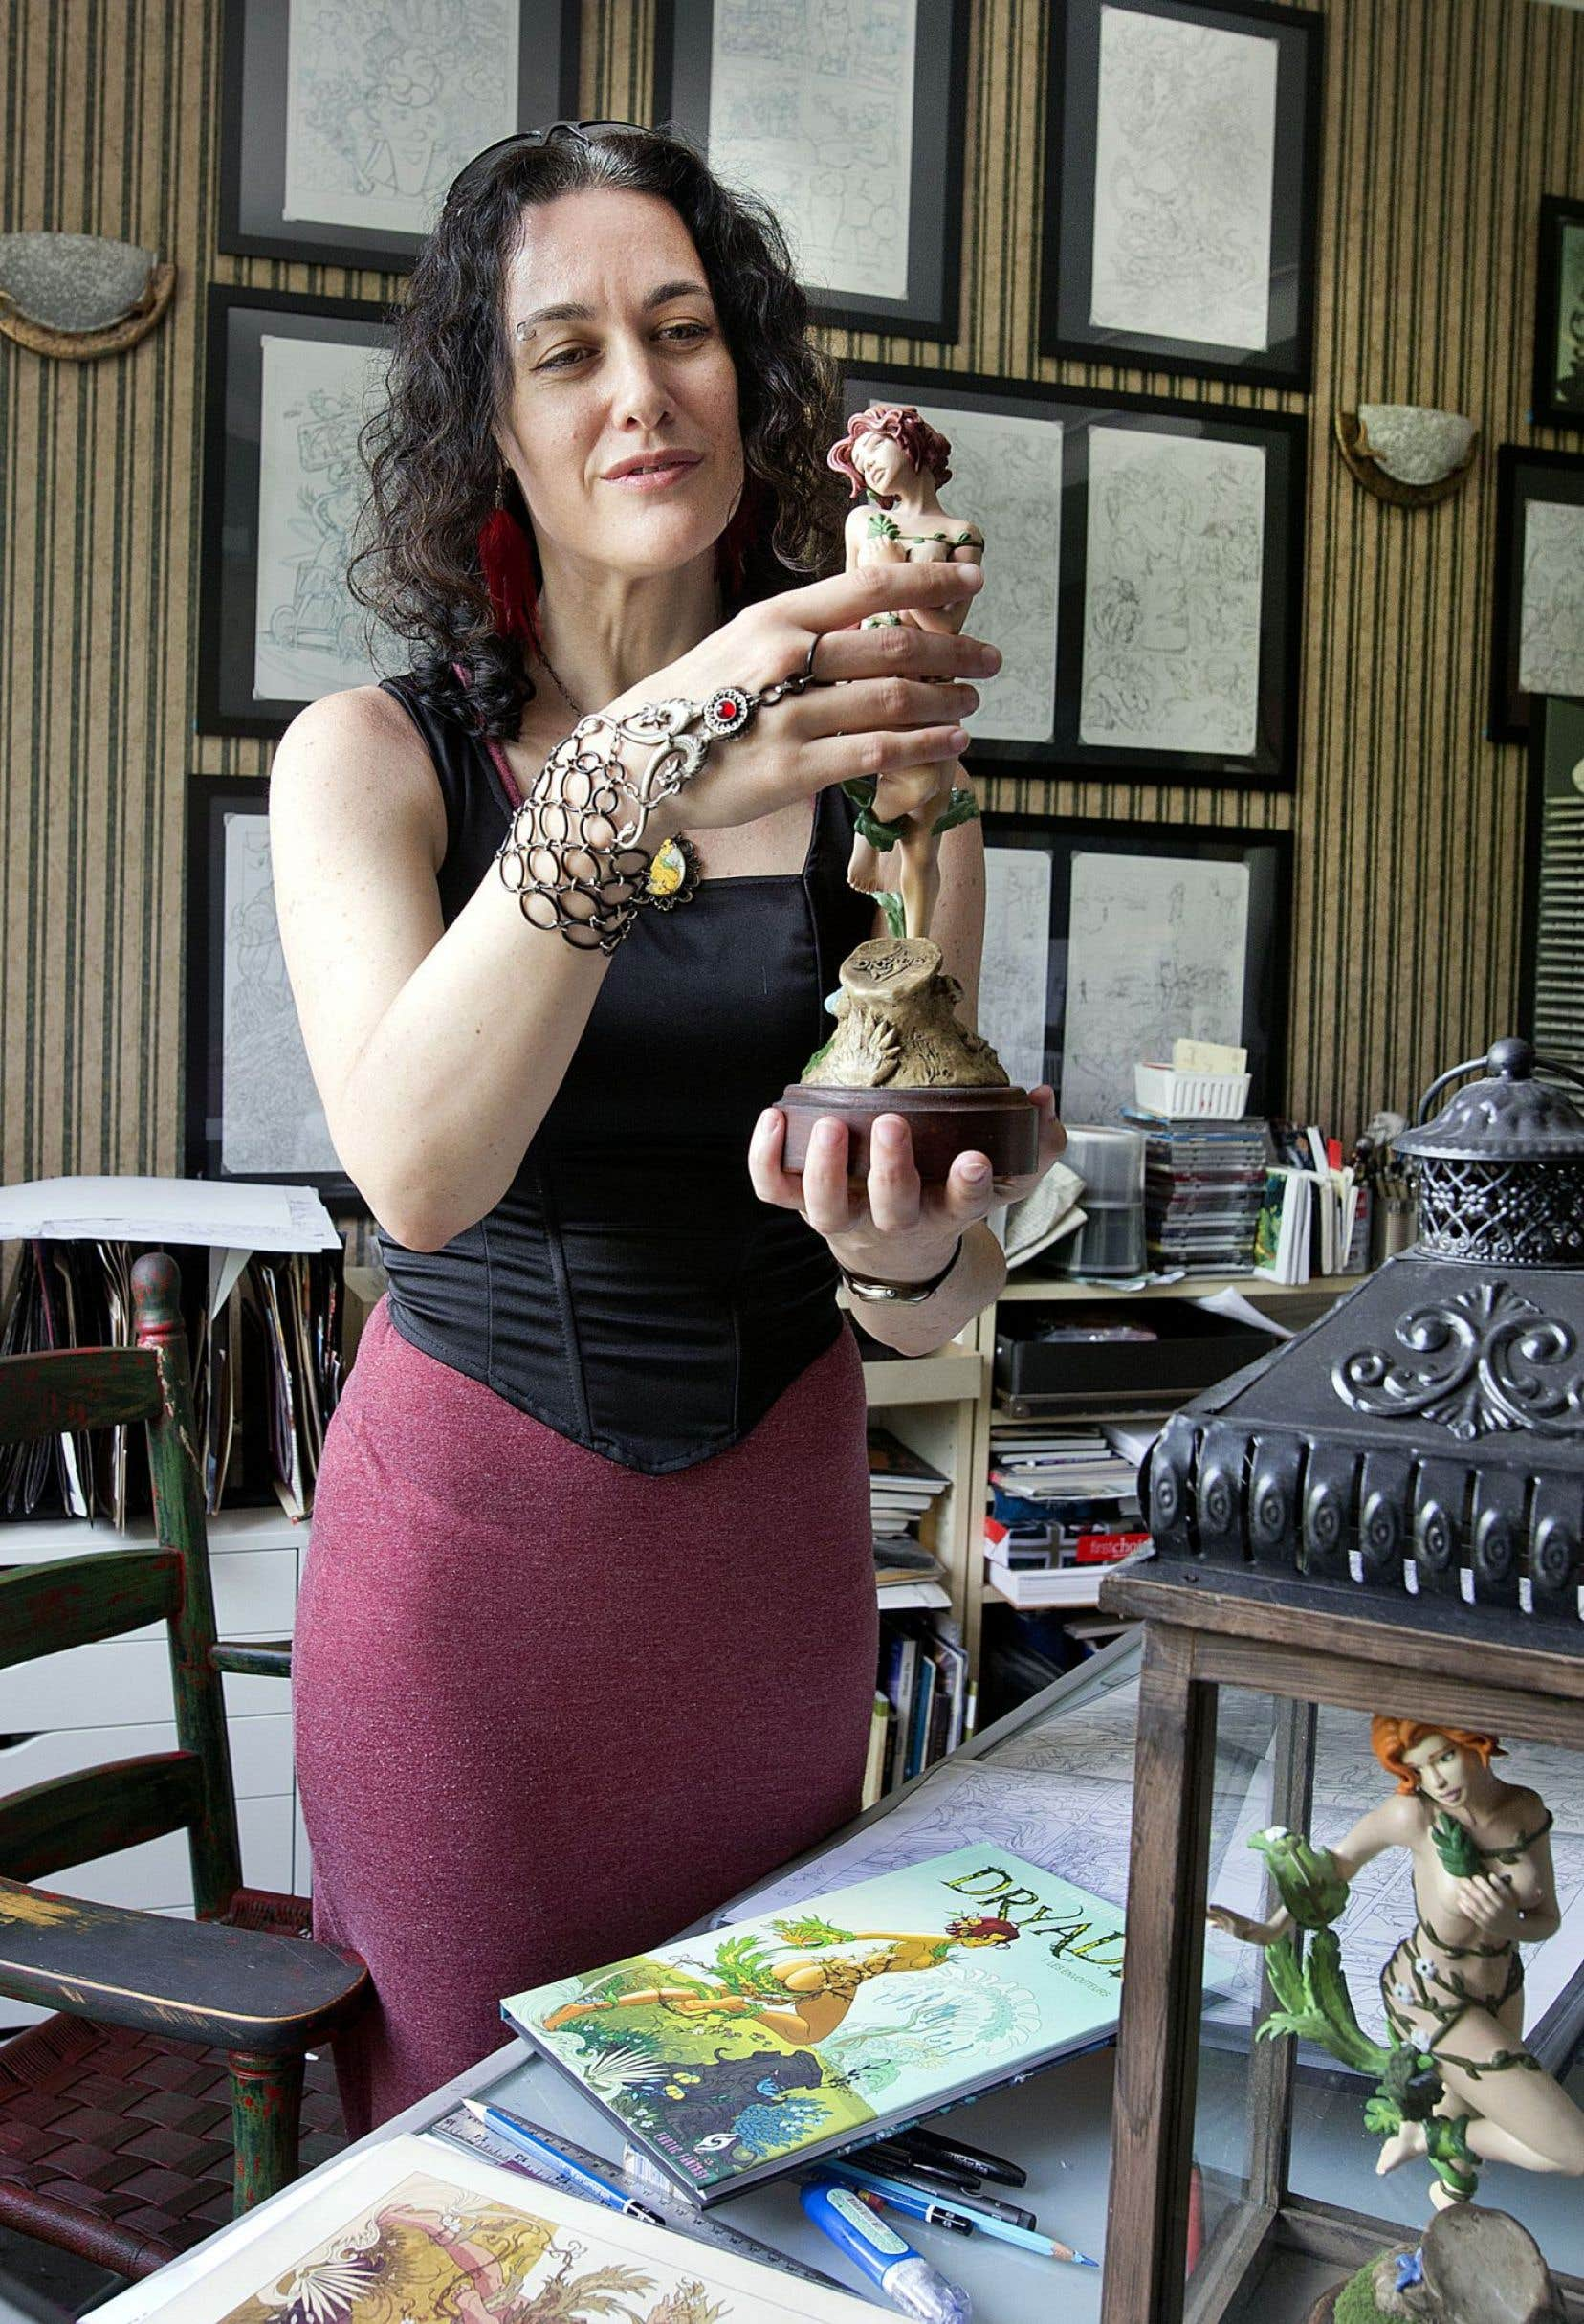 L'auteure Stéphanie Leduc, derrière la bande dessinée «Dryade», estime que la bédé érotique gagnerait à trouver ses marques encore plus au Québec.